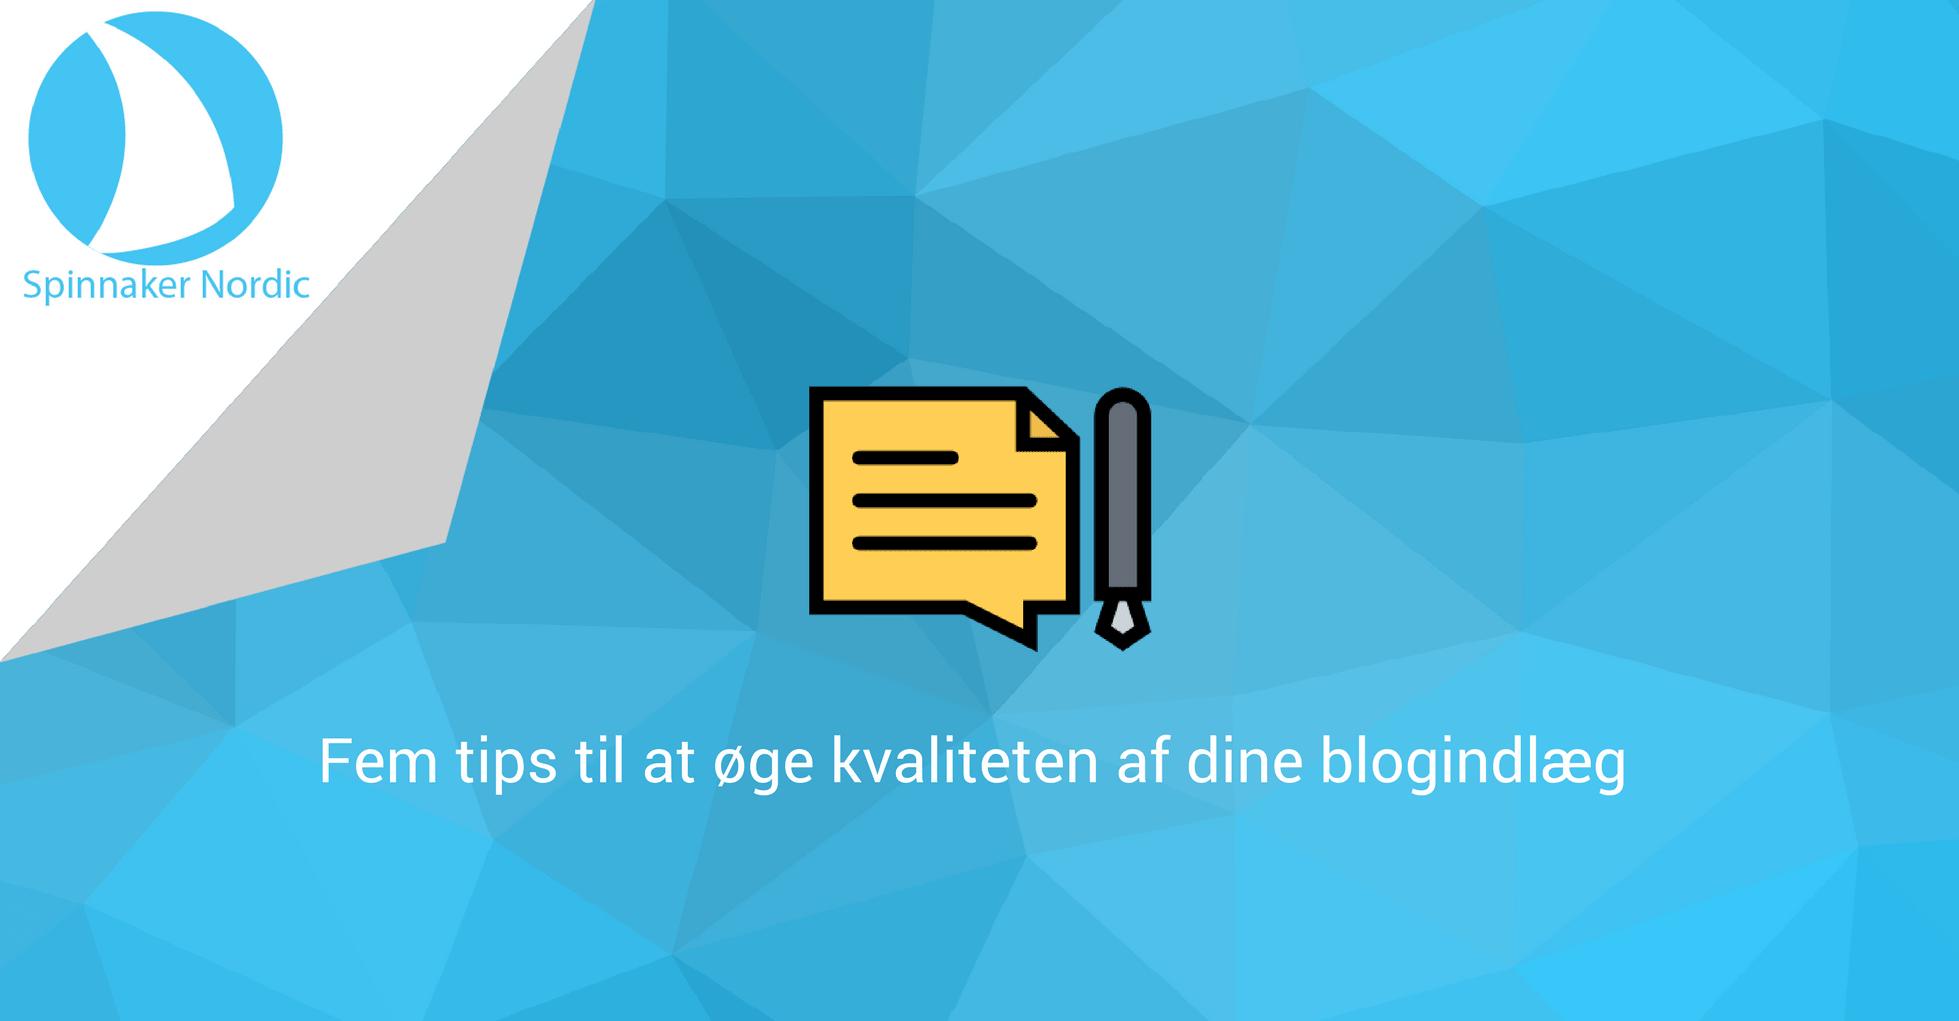 Fem tips til at øge kvaliteten af dine blogindlæg - Spinnaker Nordic - Blogindlæg